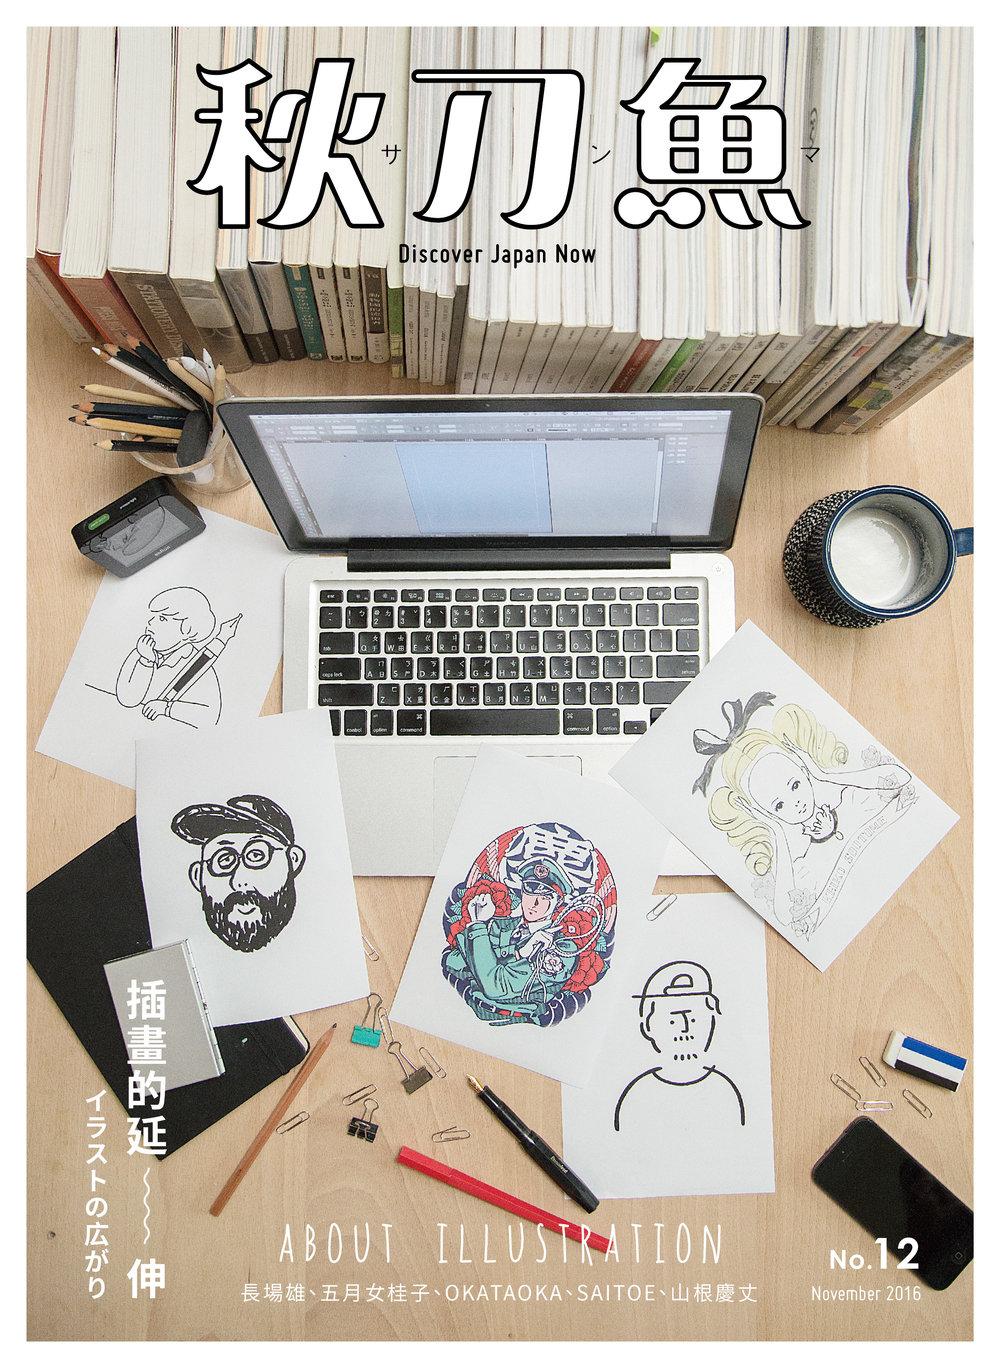 2016年11月號第12期〈插畫的延伸〉在庫﹥20